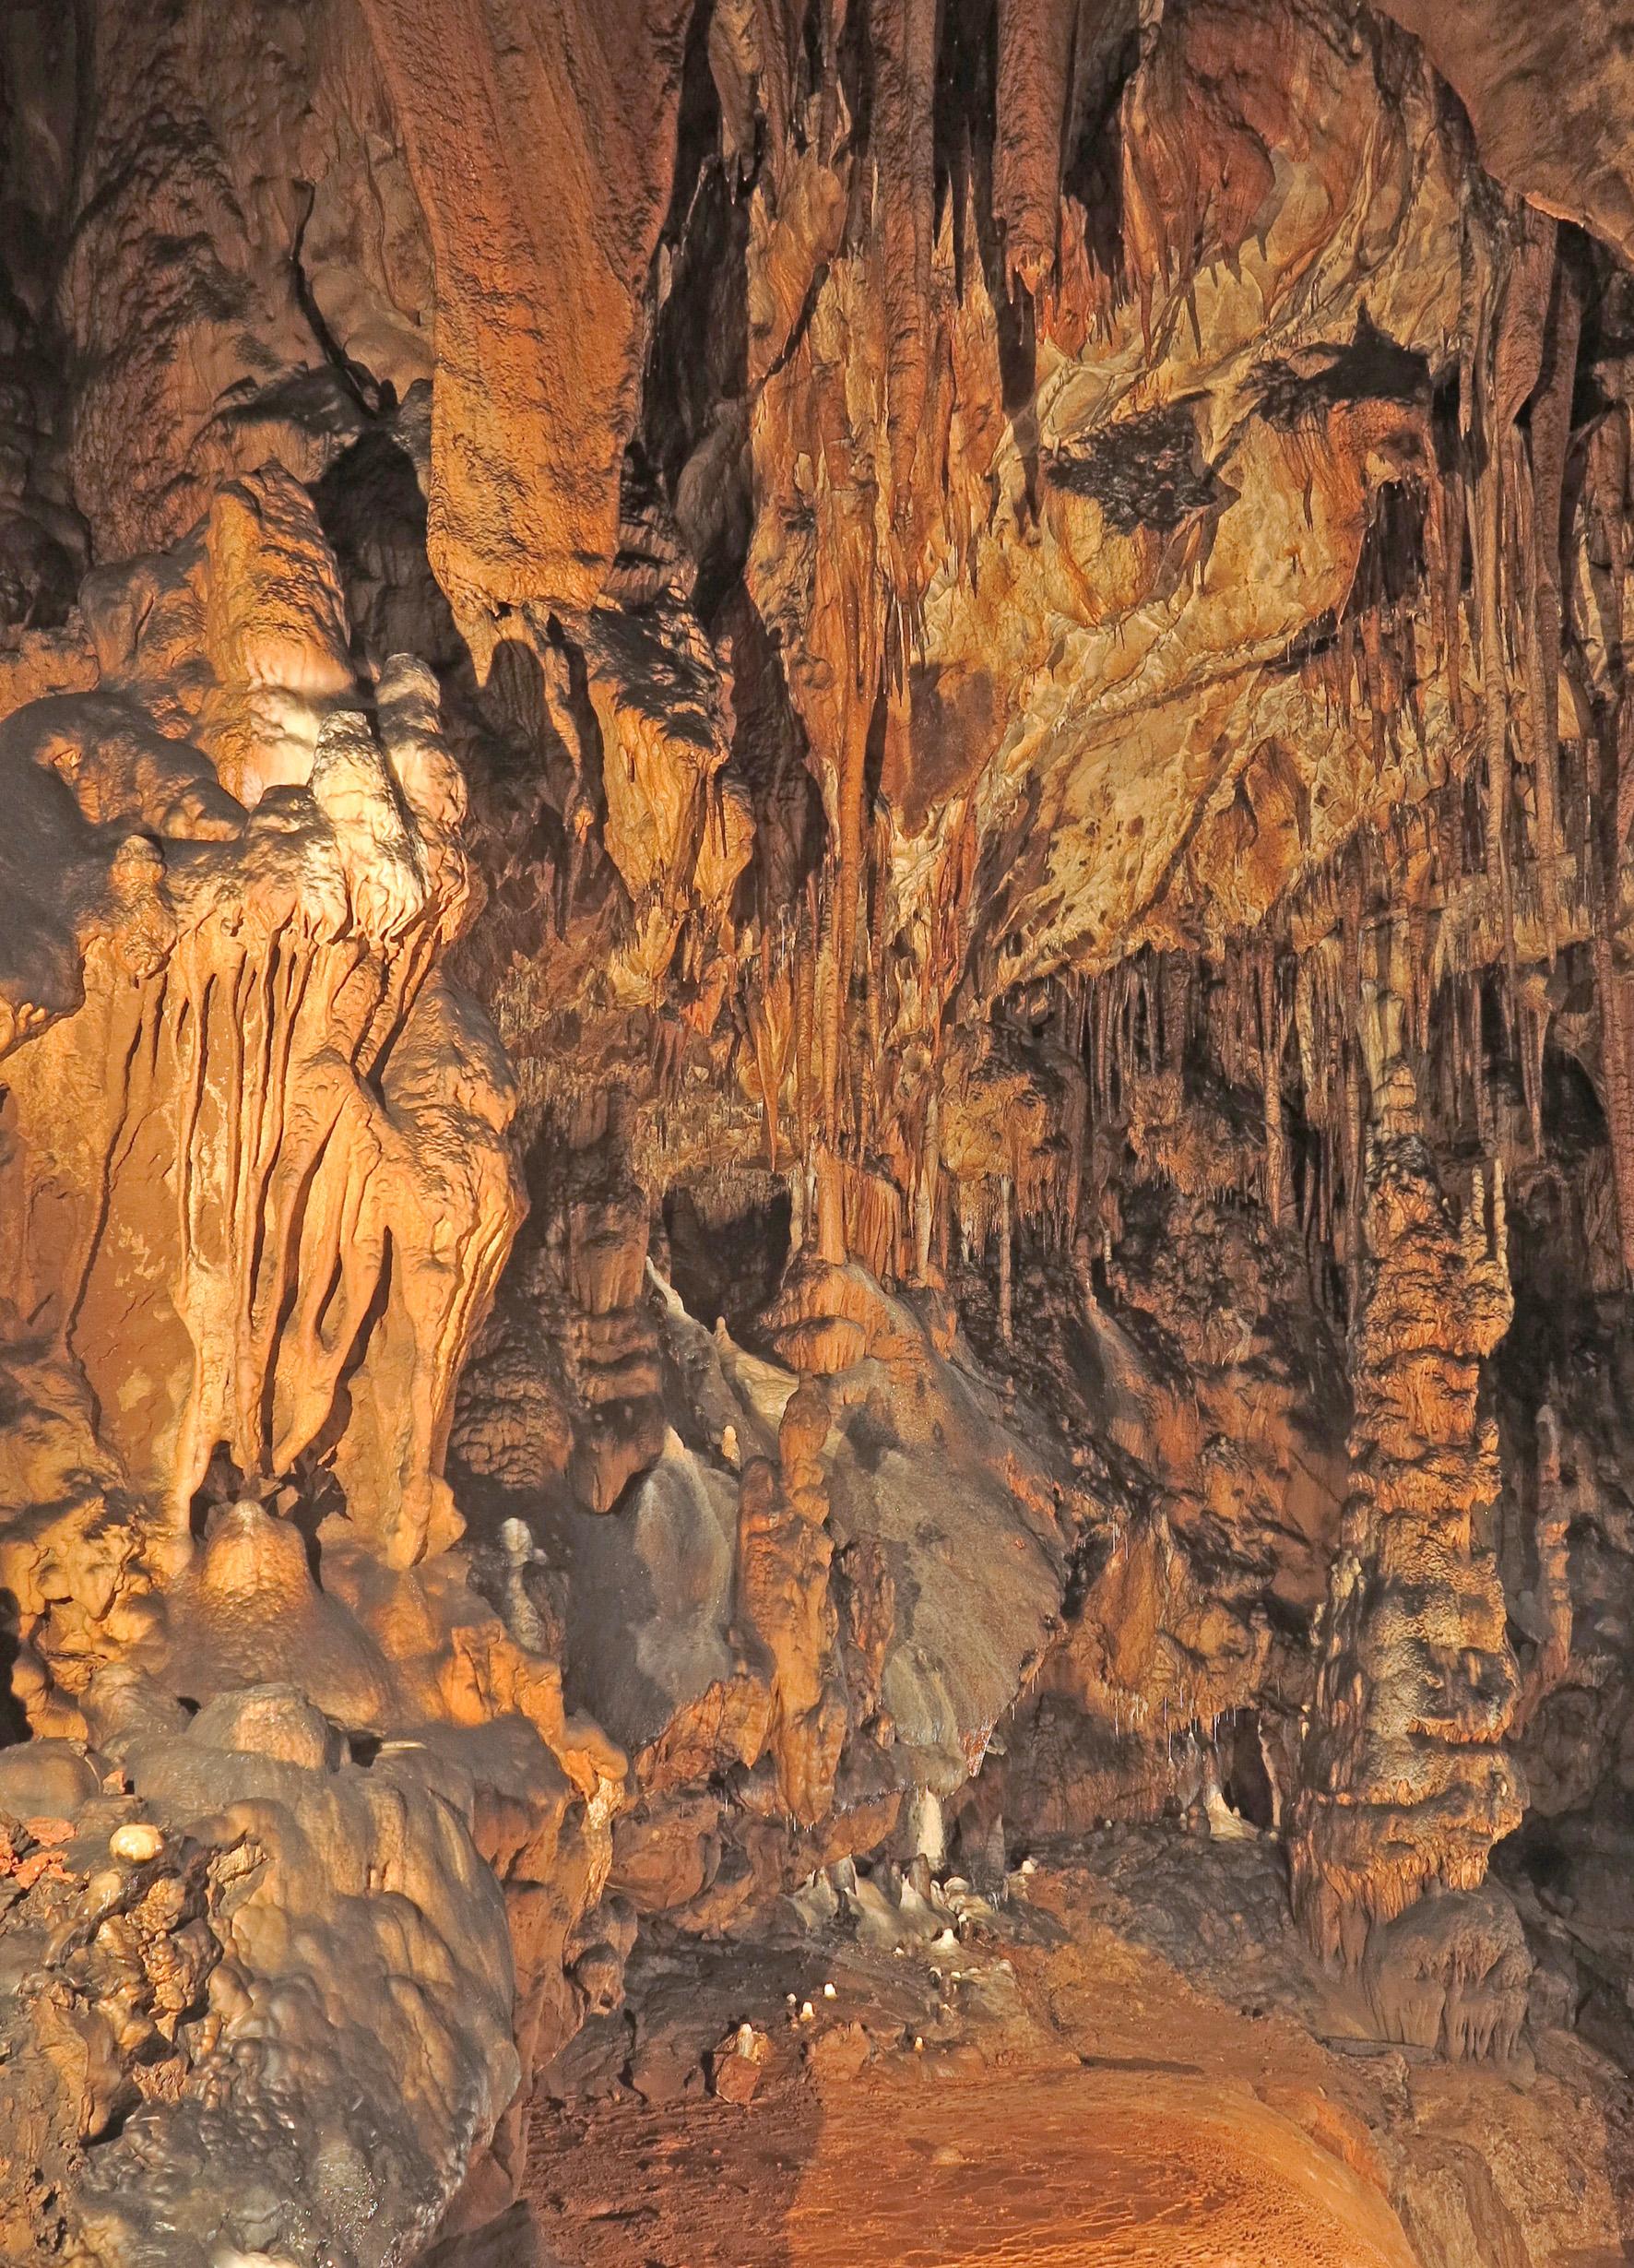 Különleges karbonát-kiválasztó baktériumok a Baradla-barlangból